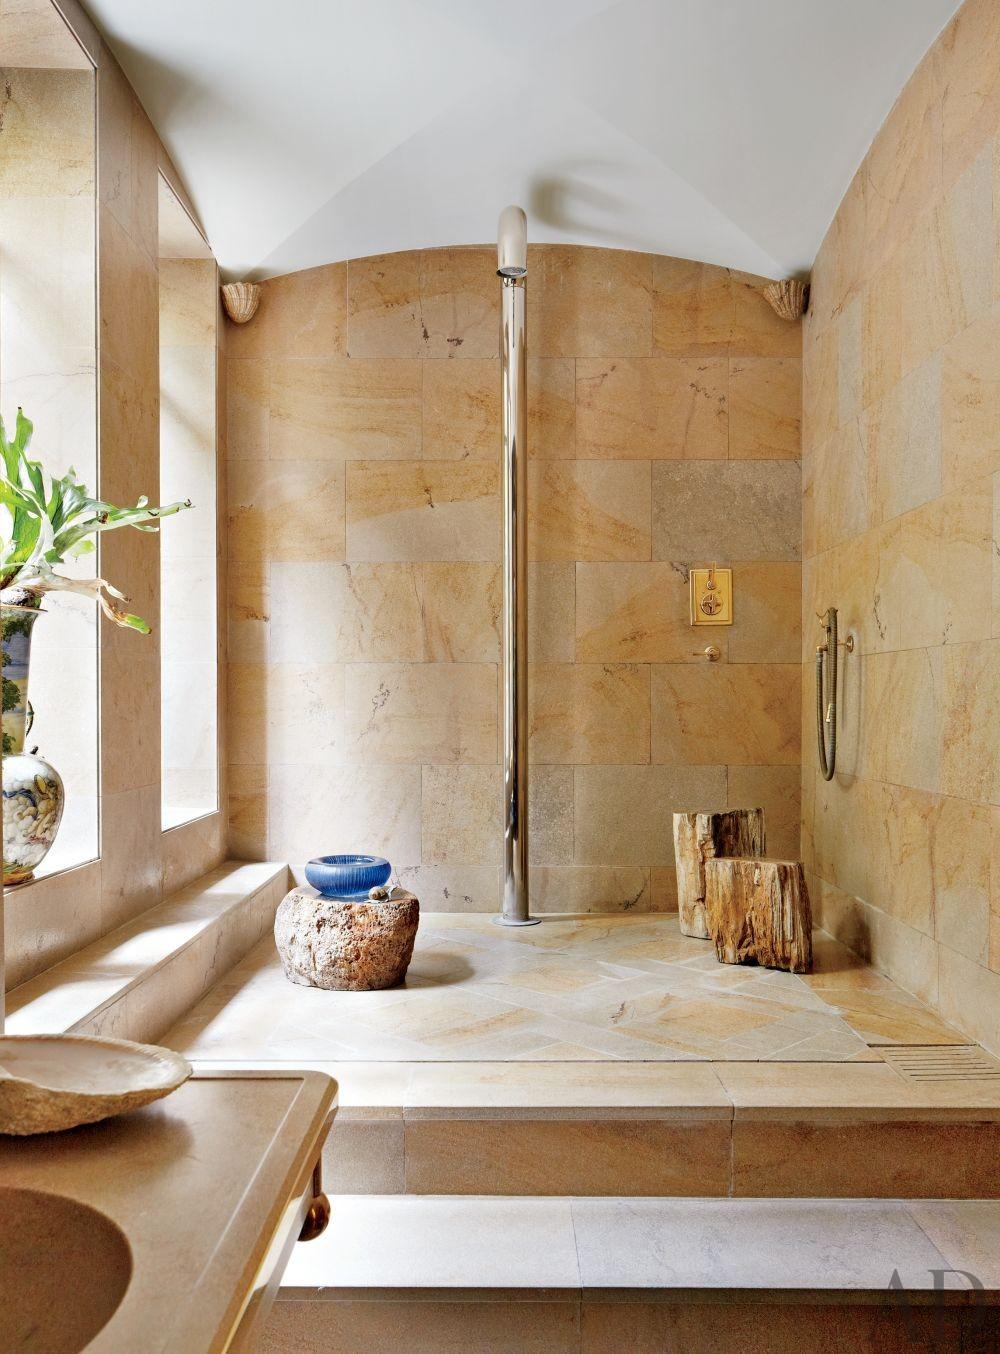 Contemporary Bathroom by Bruno Caron Architectes in Paris, France